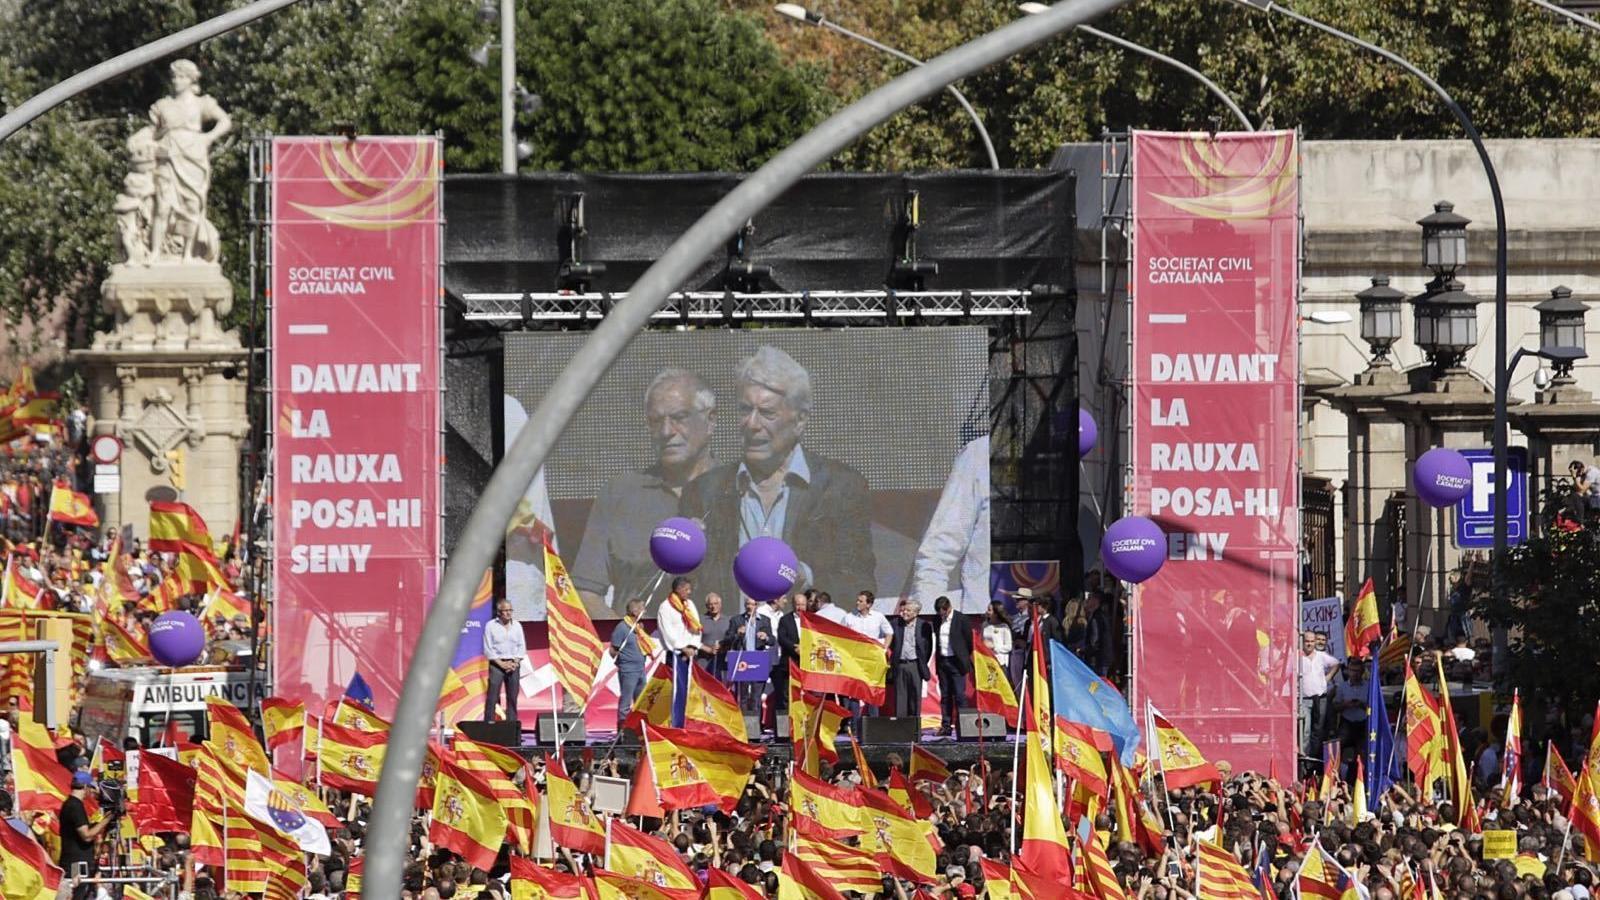 Borrell i Vargas Llosa parlant des de l'escenari davant la porta del Parc de la Ciutadella